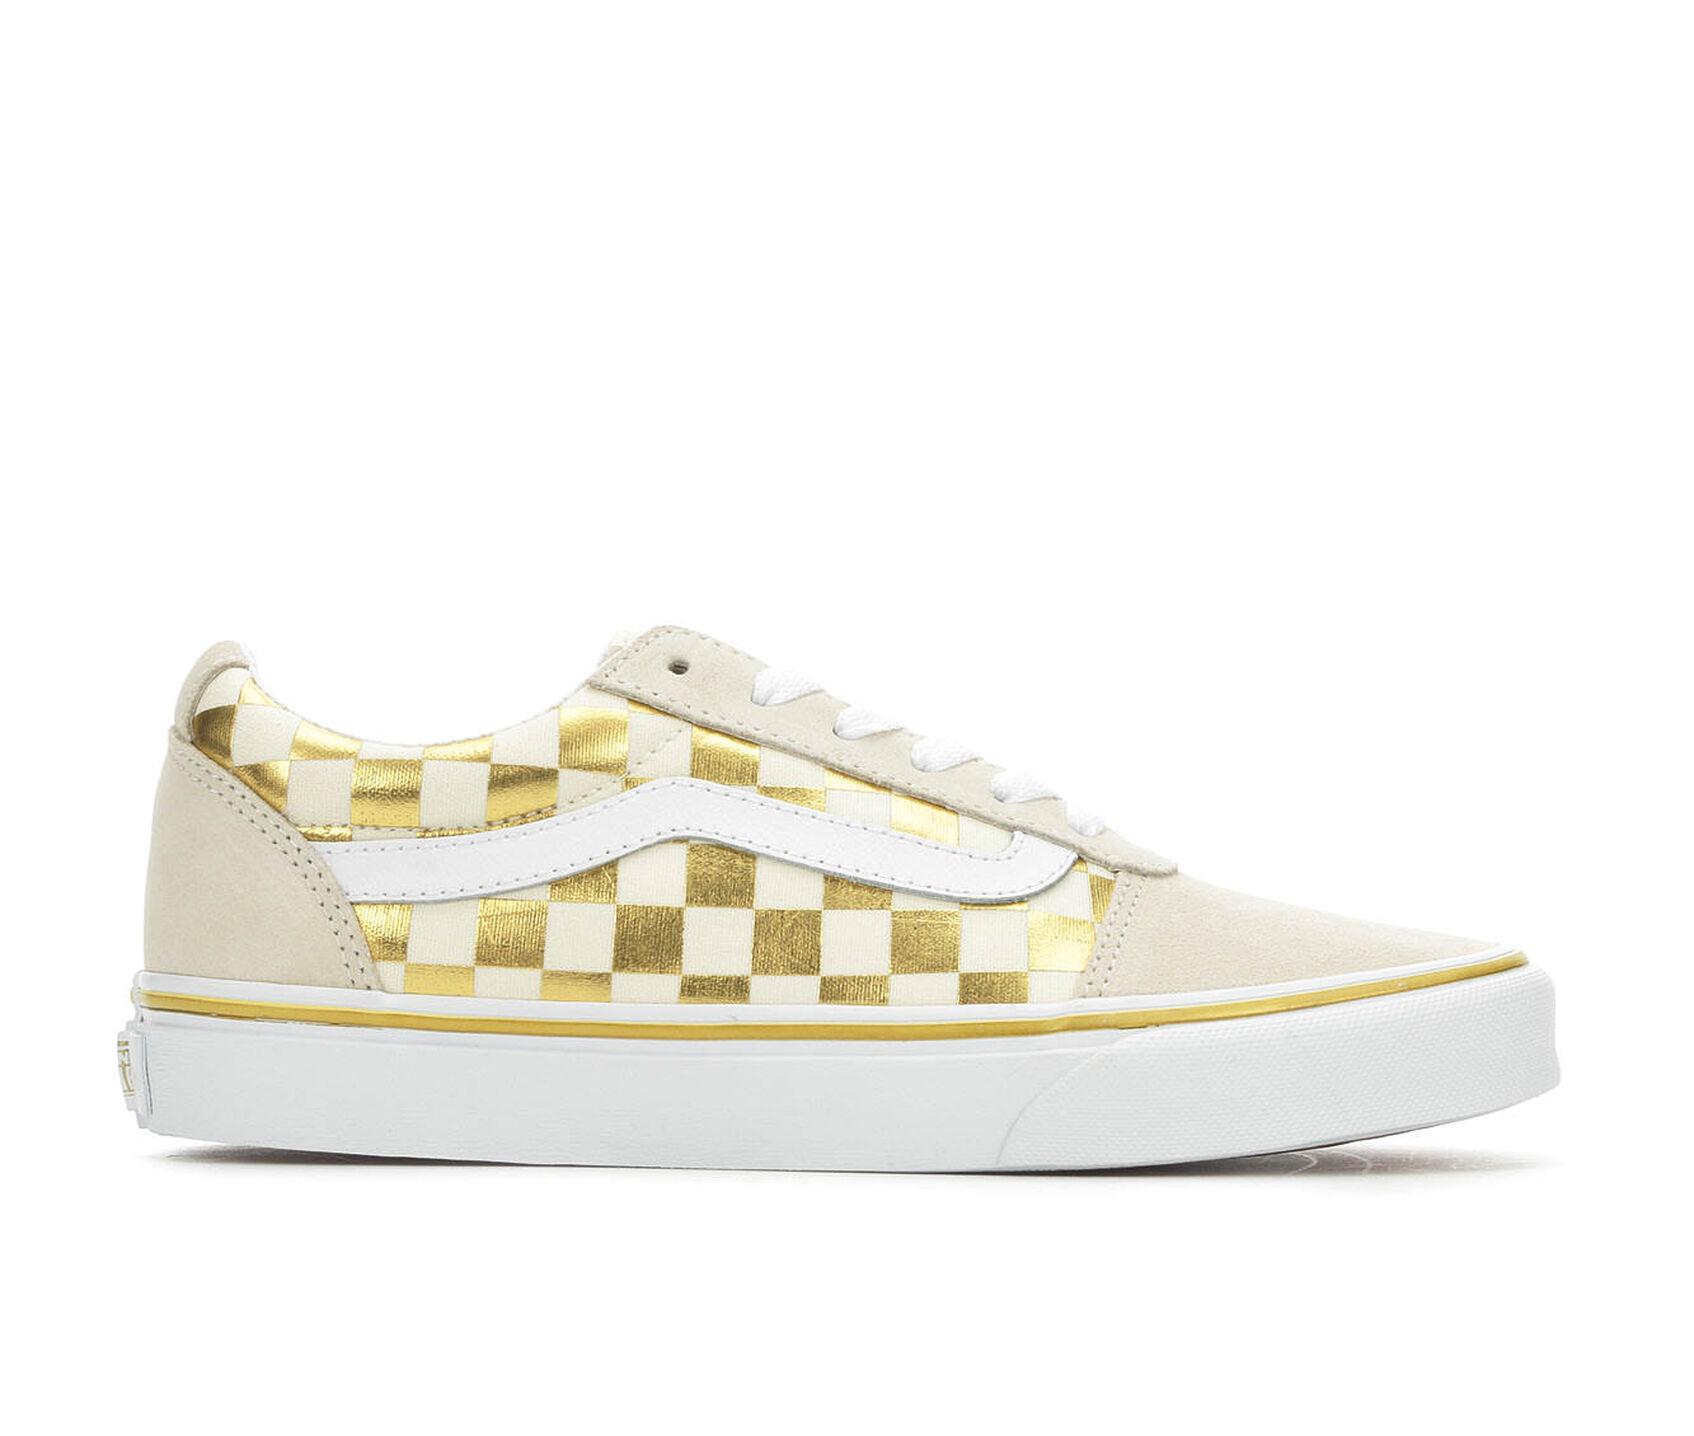 0d3675ab89c Women s Vans Ward Skate Shoes